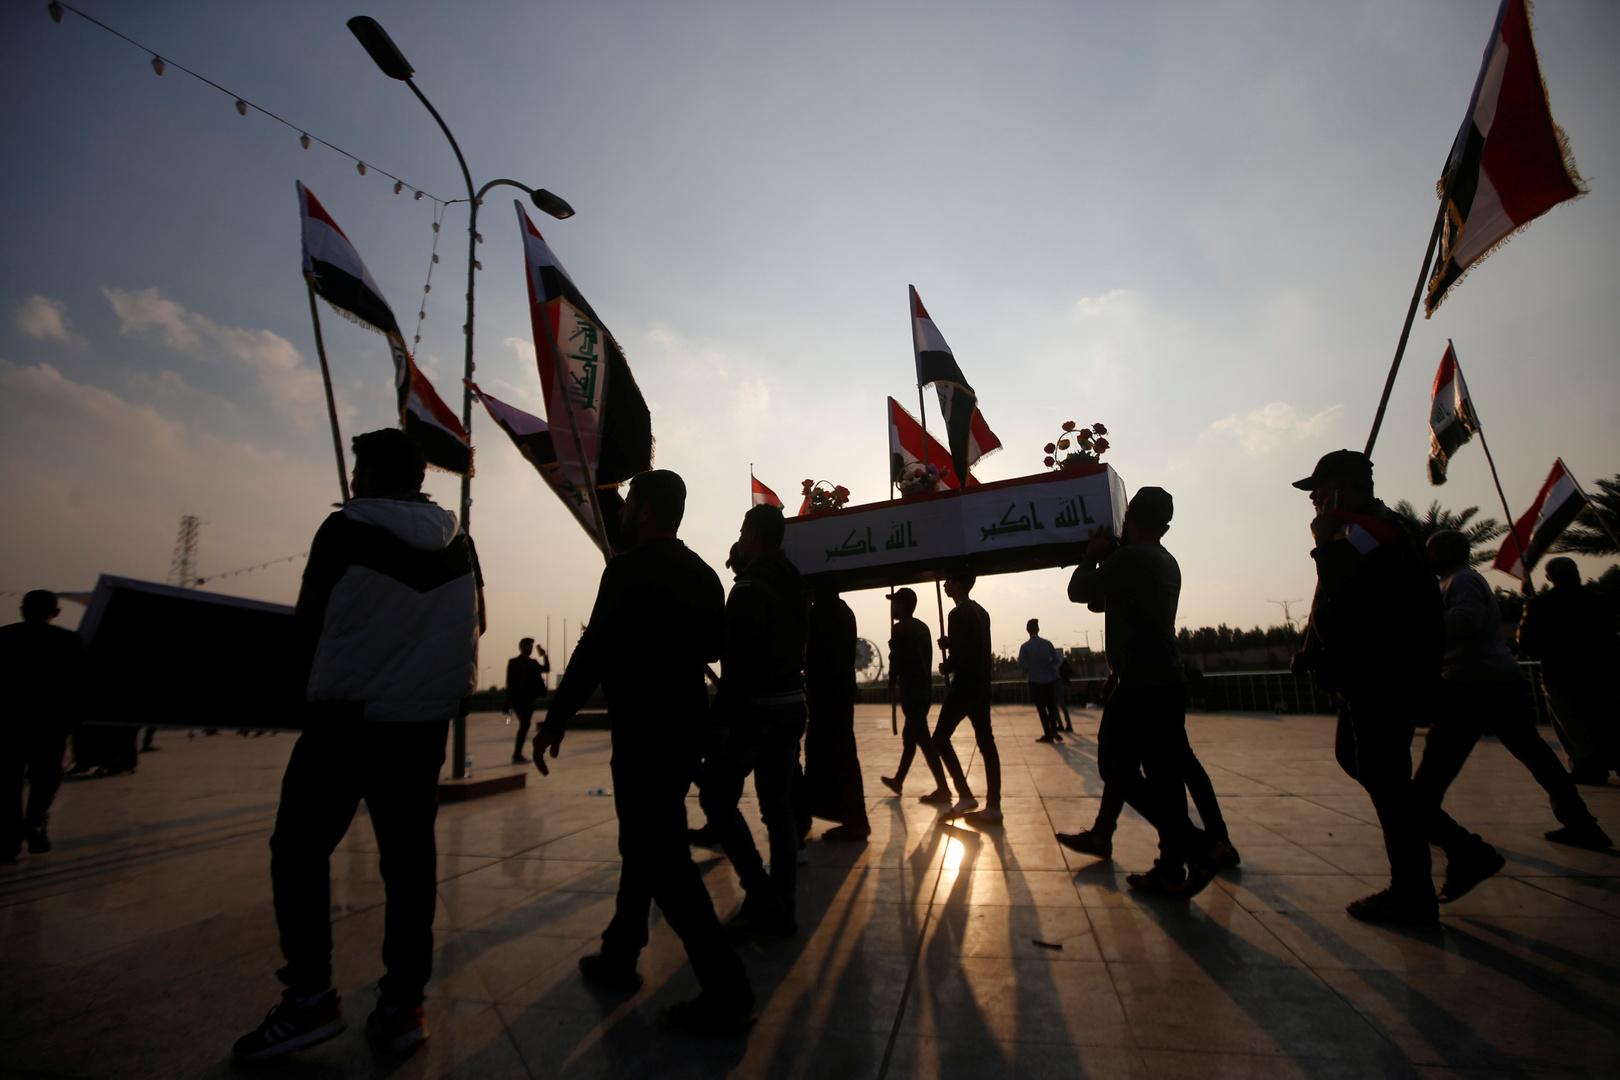 الأمم المتحدة: مليشيات استهدفت واختطفت ناشطين في التظاهرات العراقية